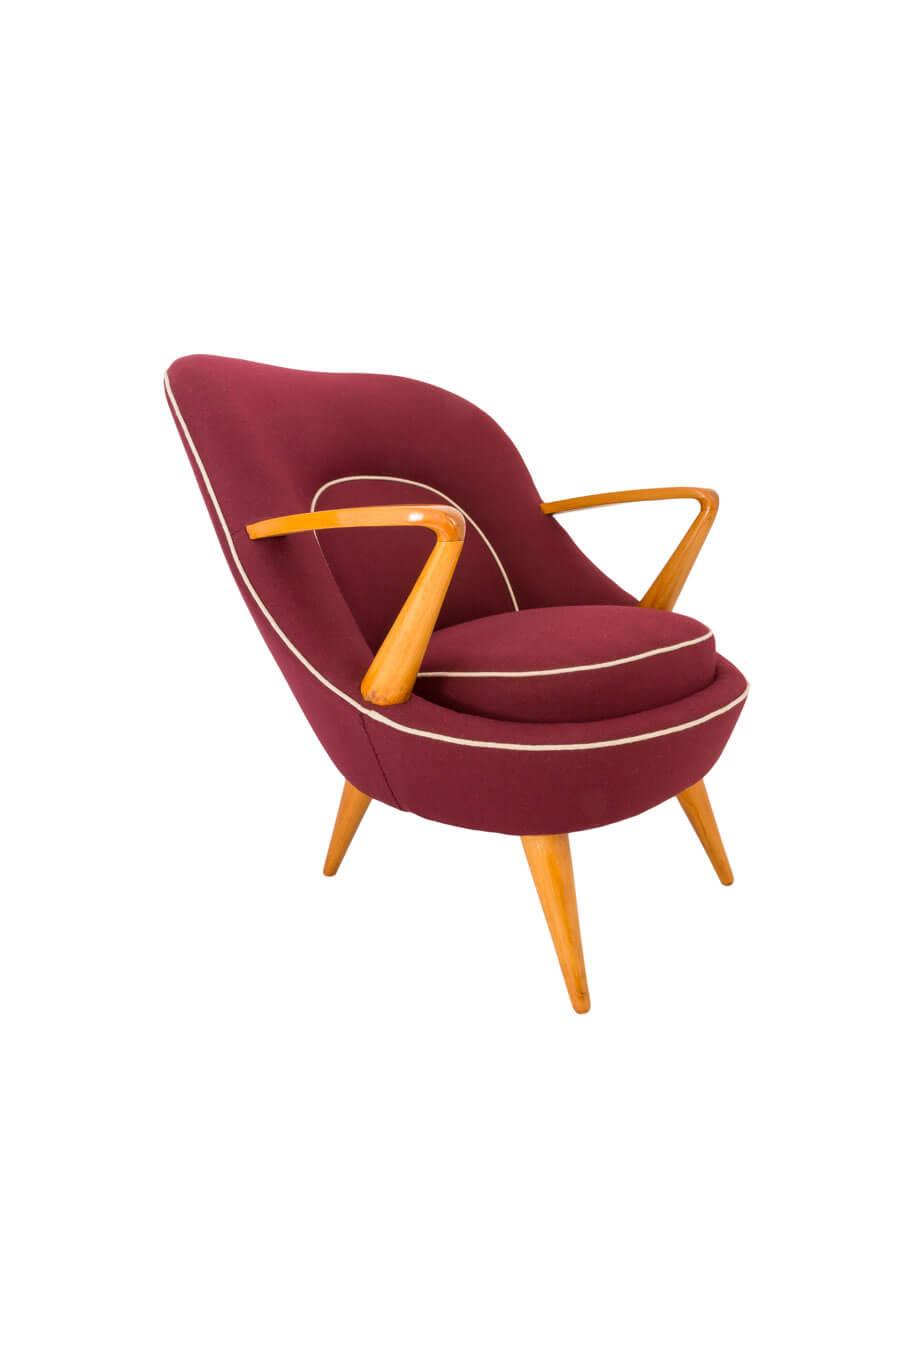 fotel-345-racinowski-jedrachowicz07